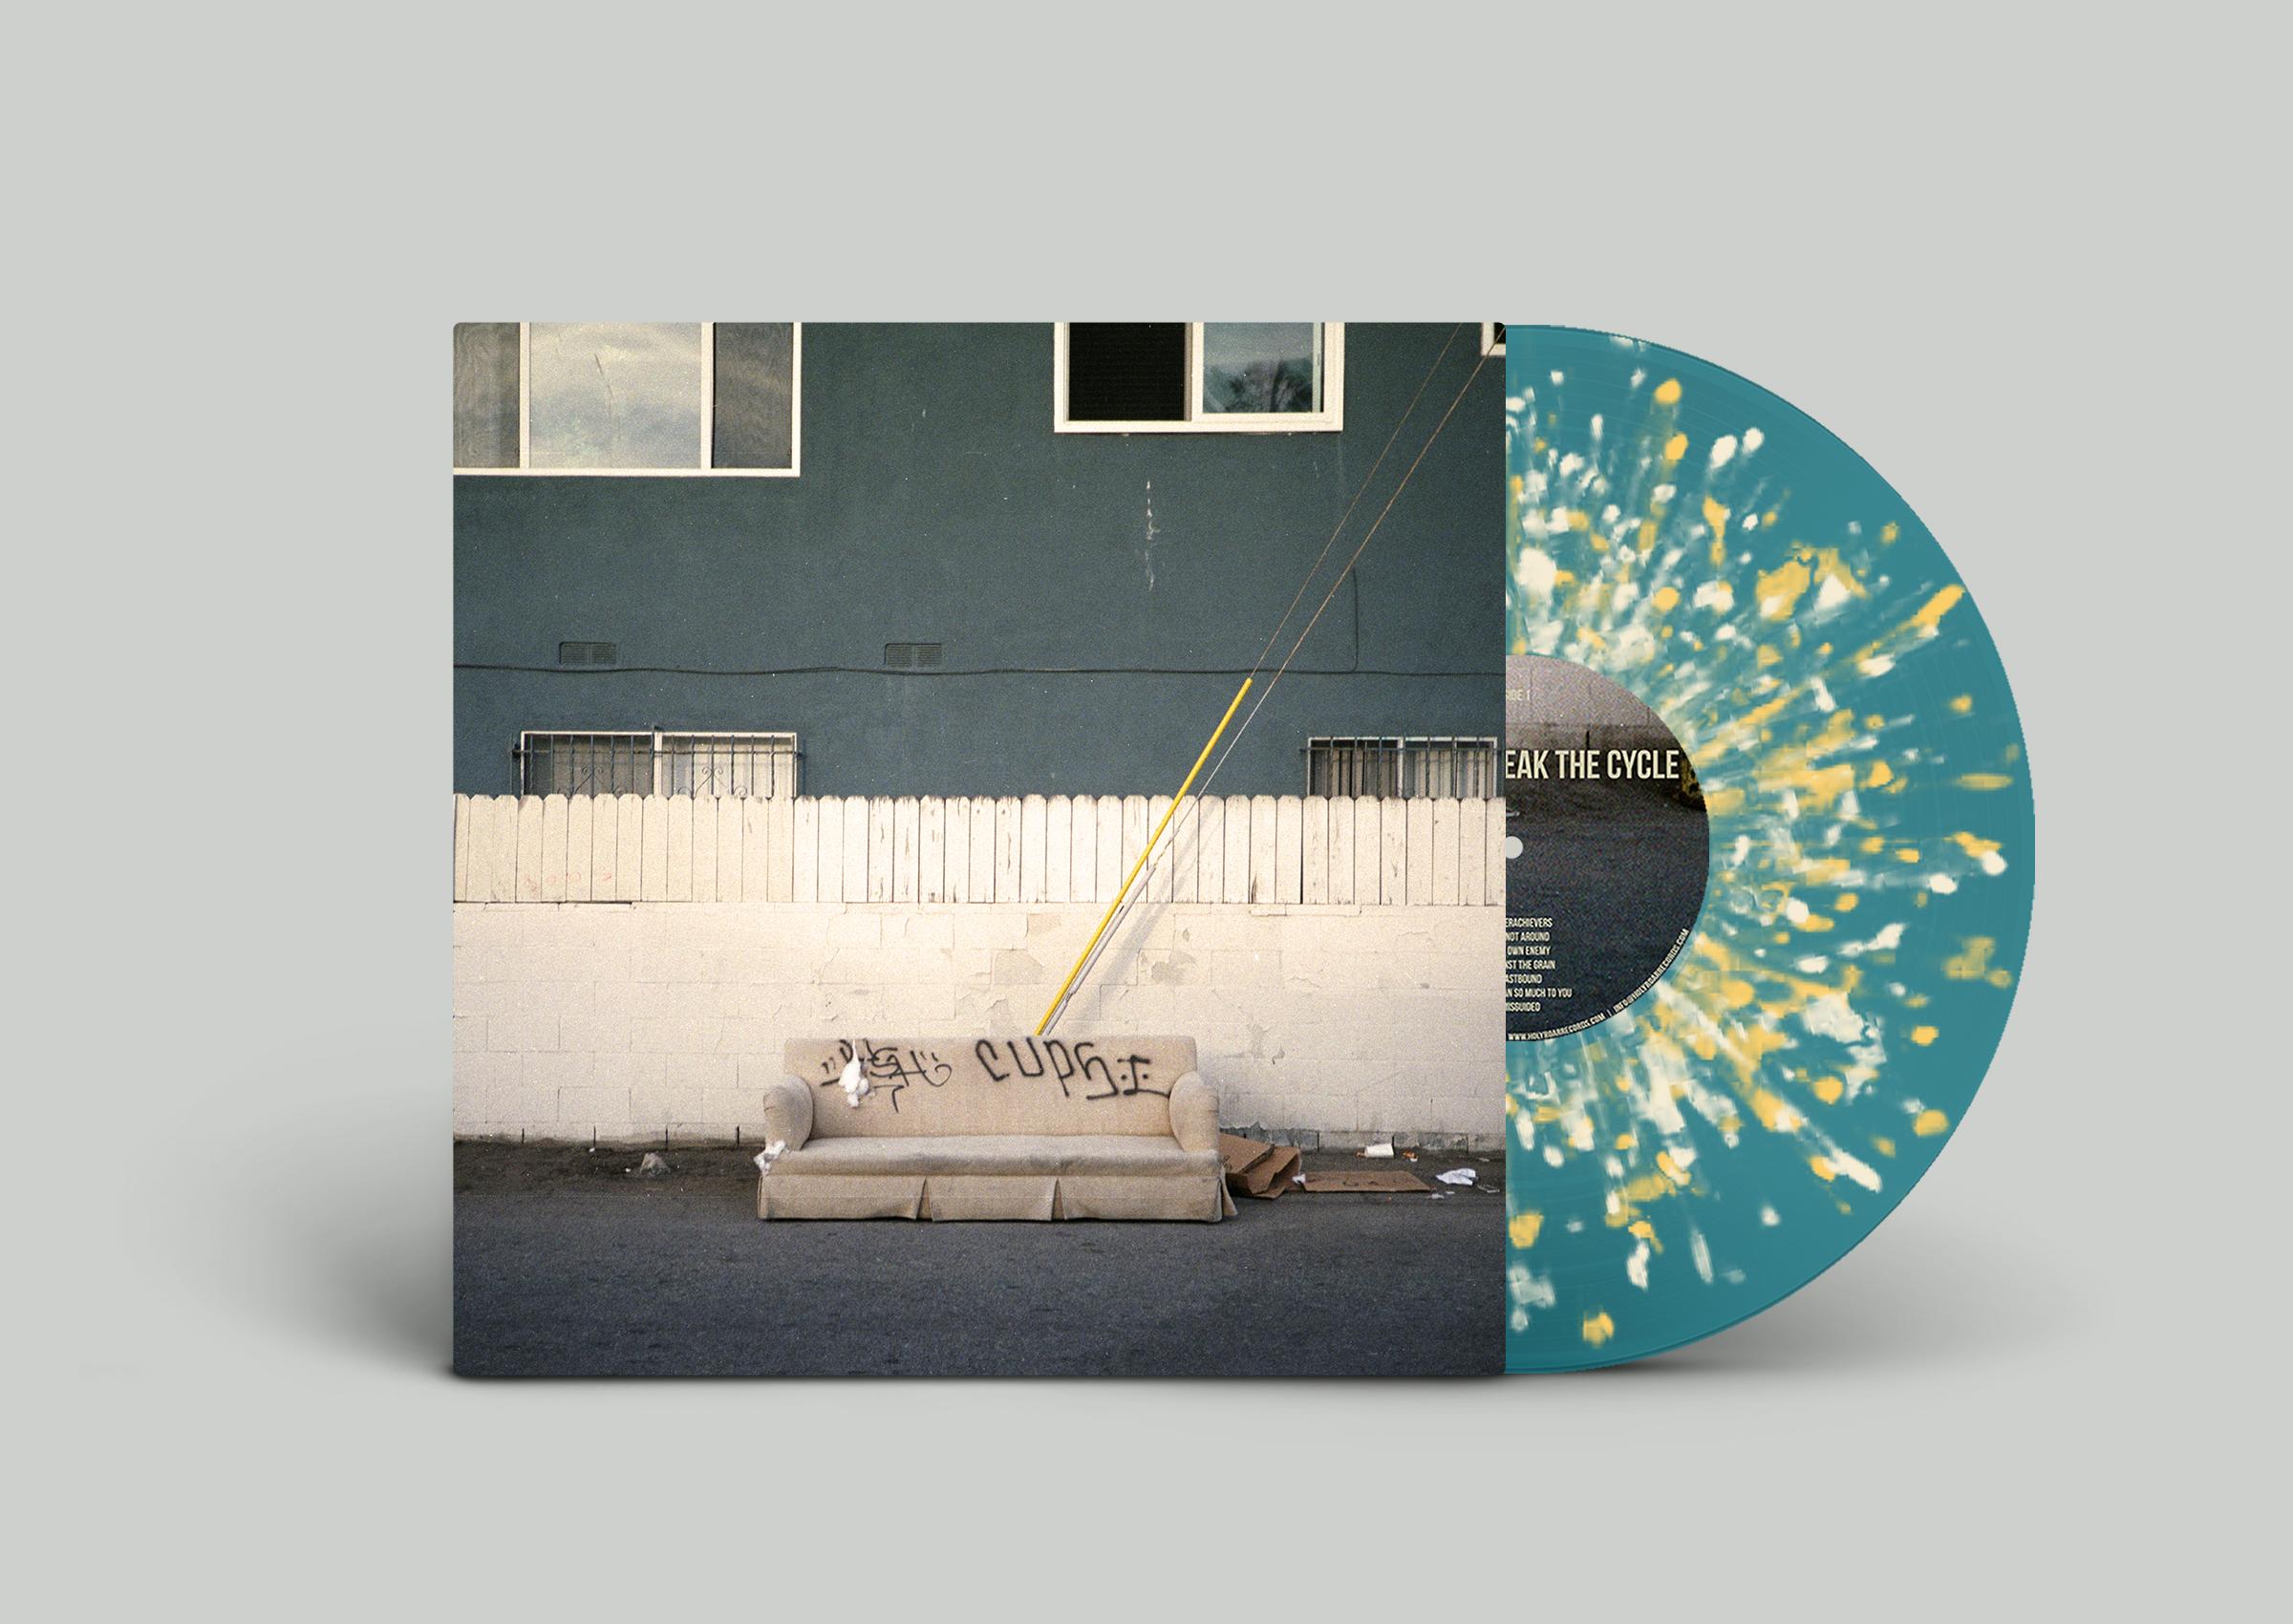 Giants - Break The Cycle